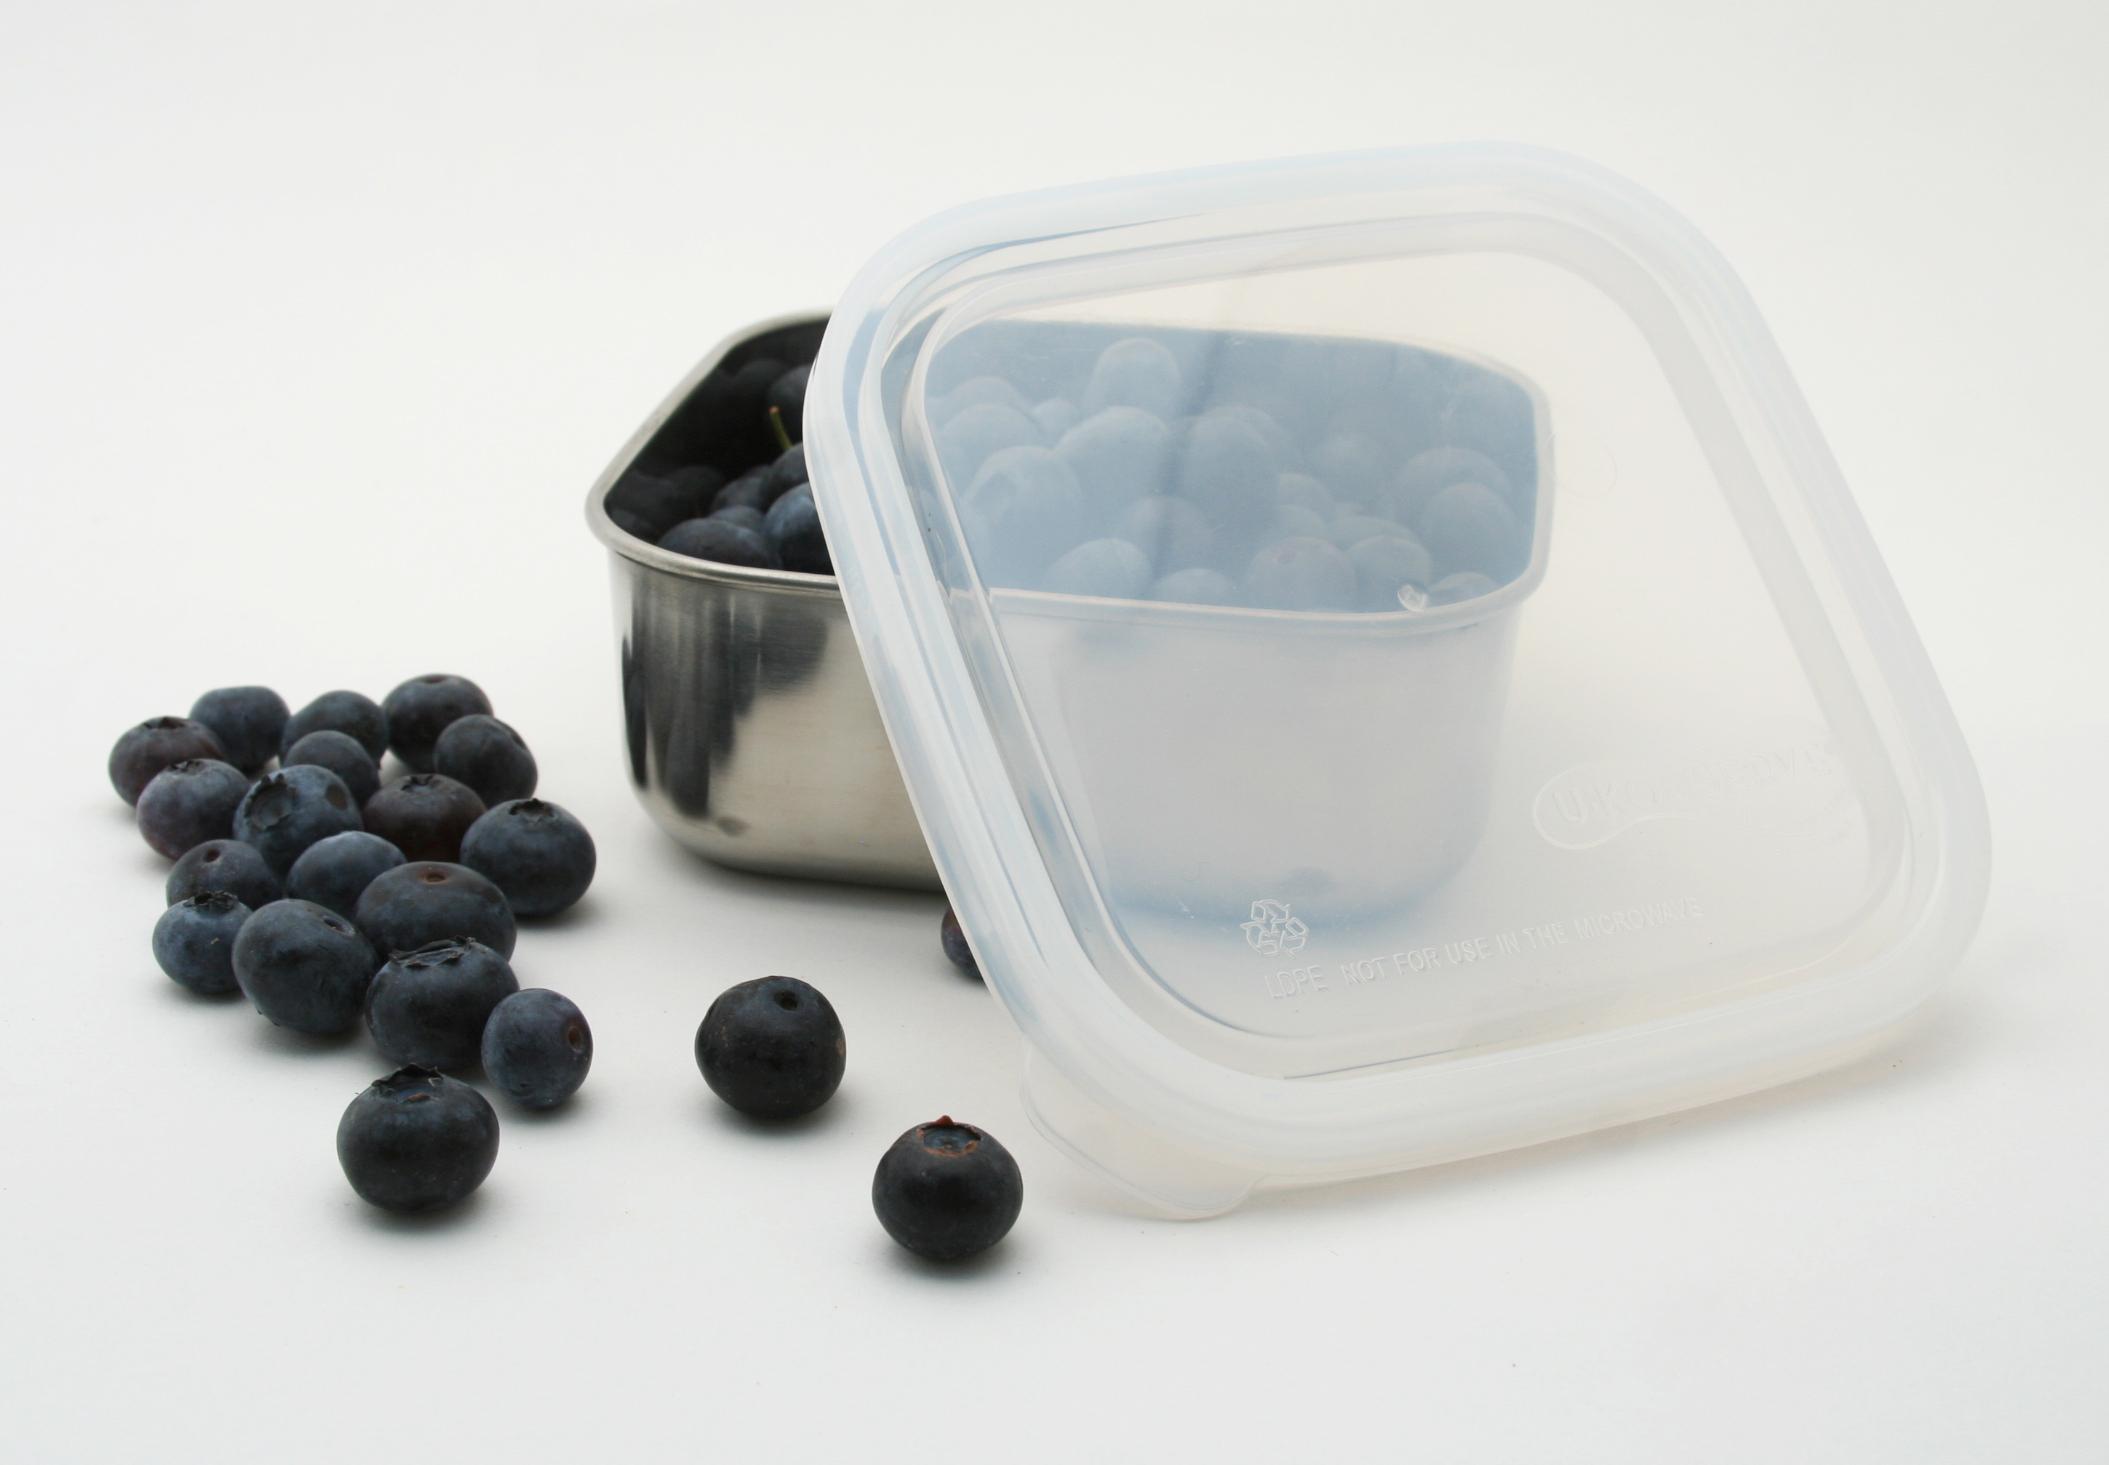 UK034_blueberries2.jpg